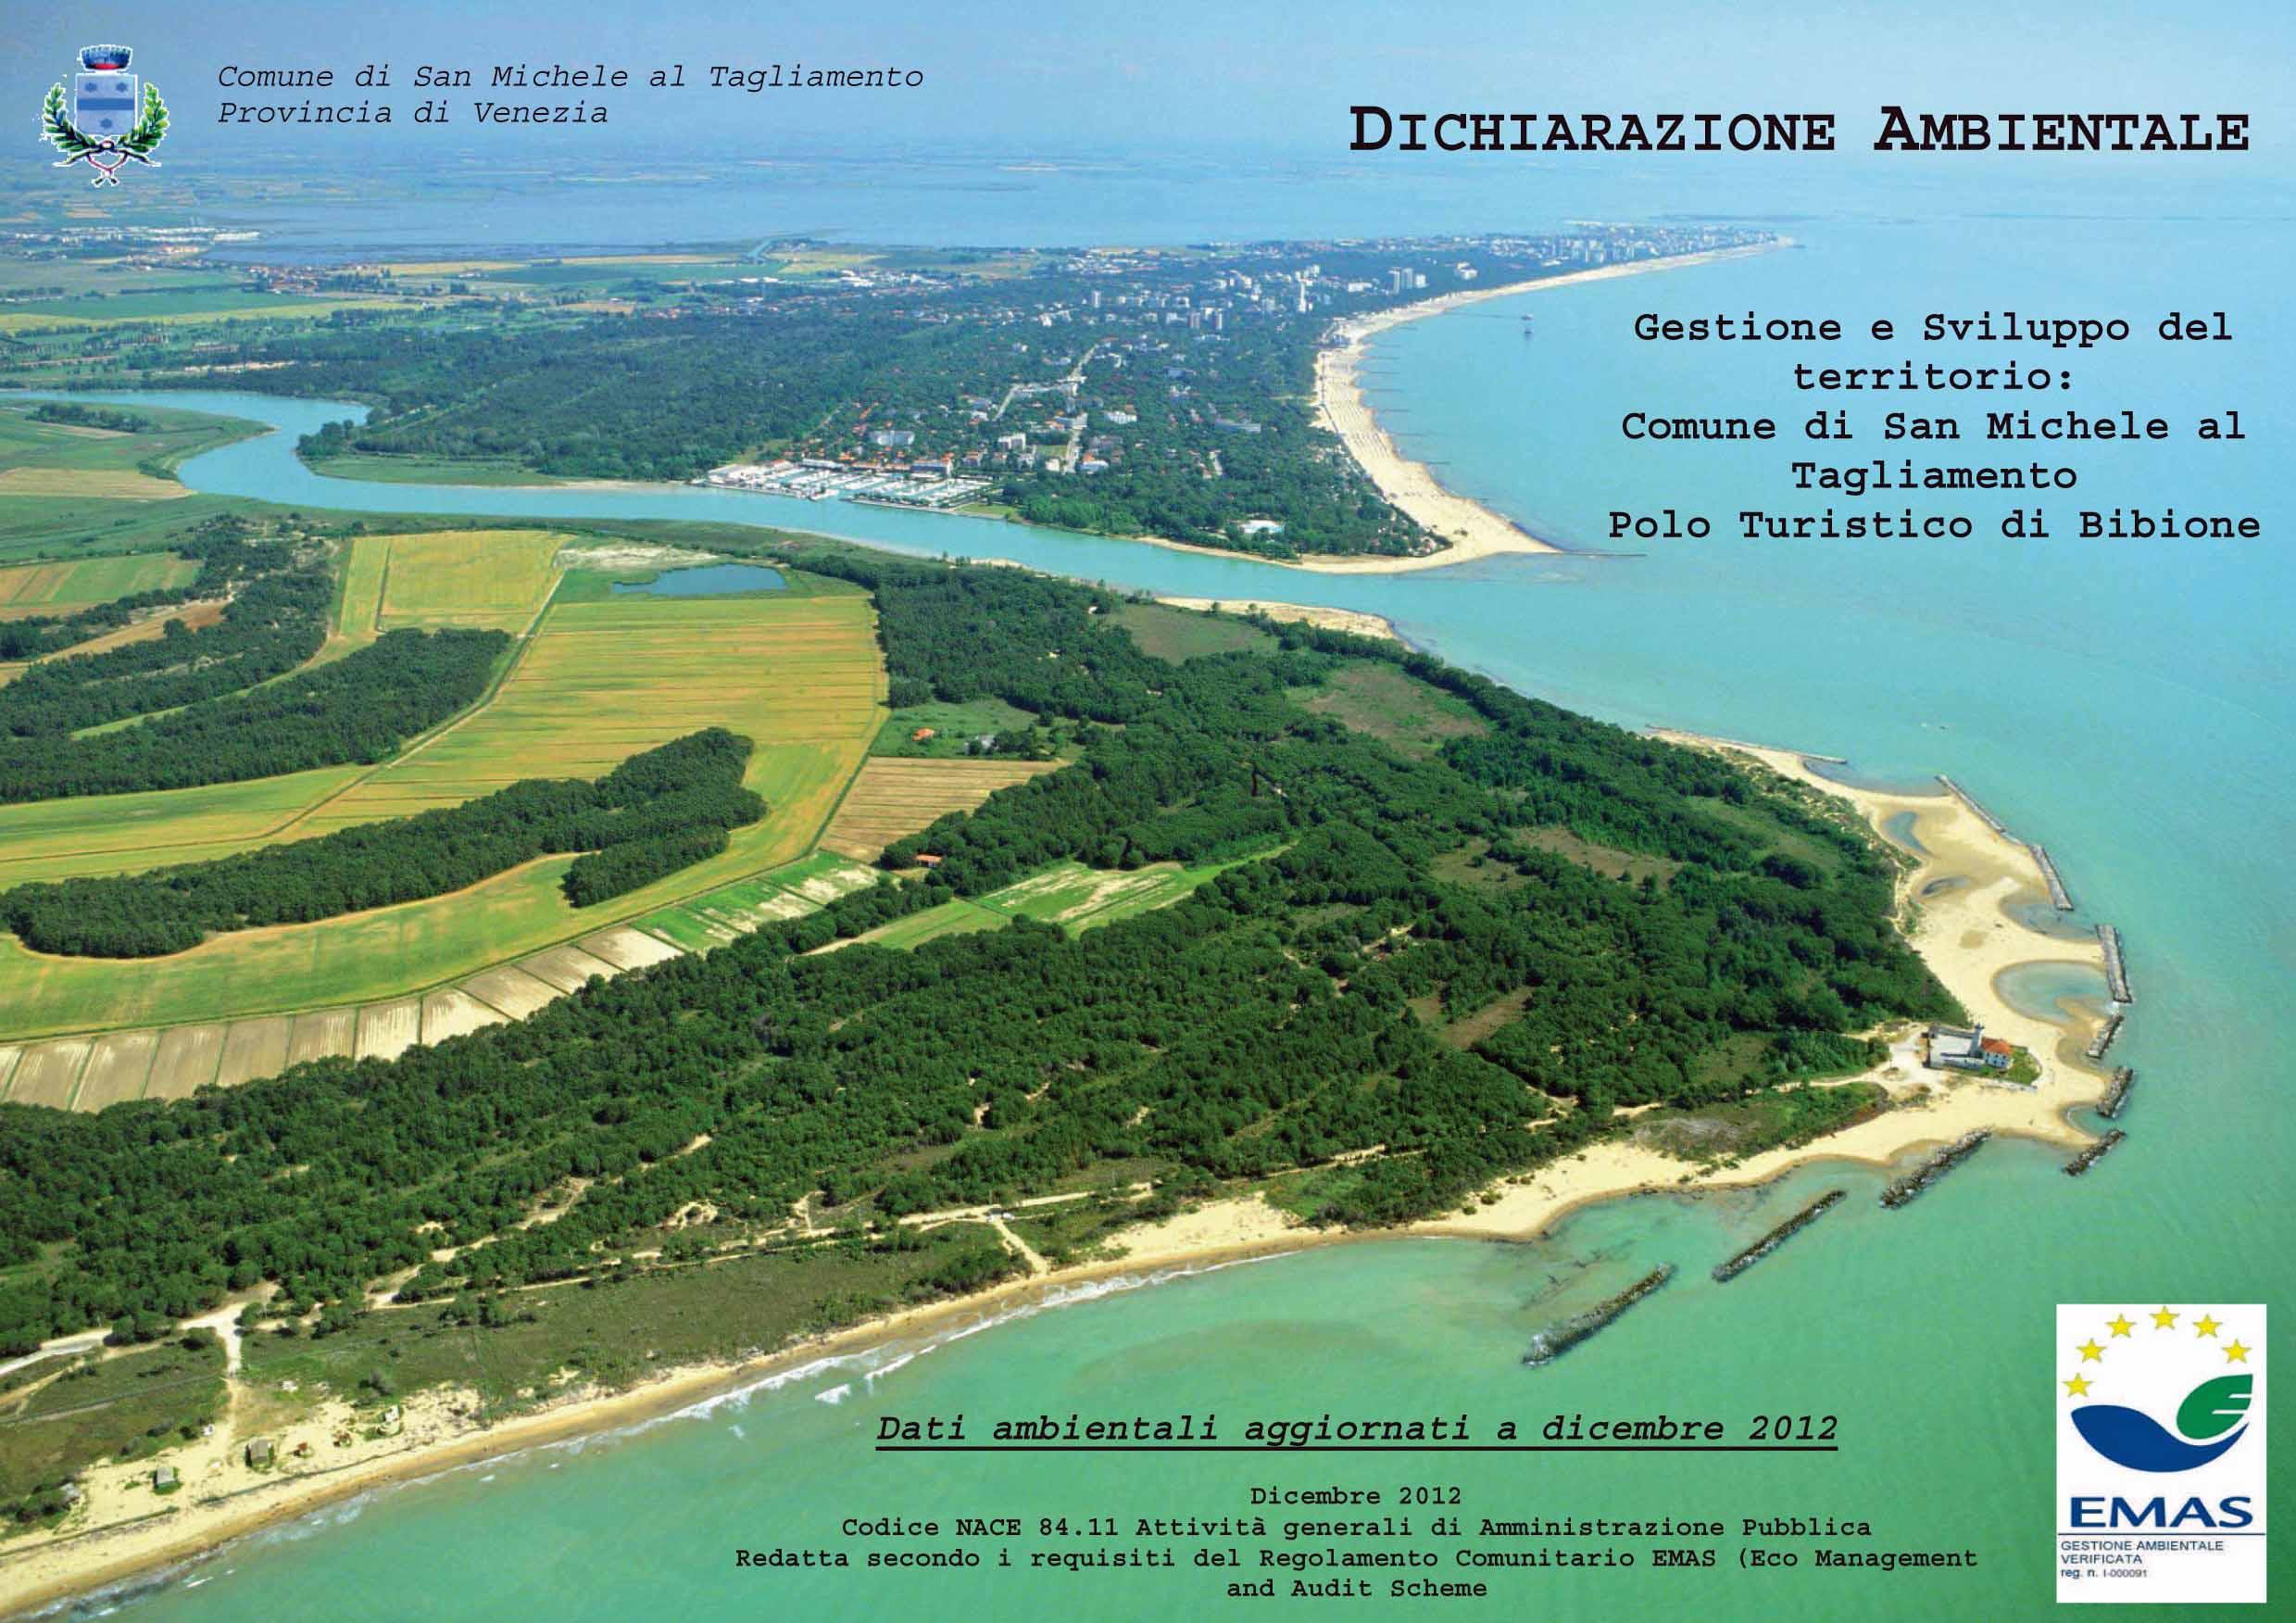 Dichiarazione Ambientale 2013